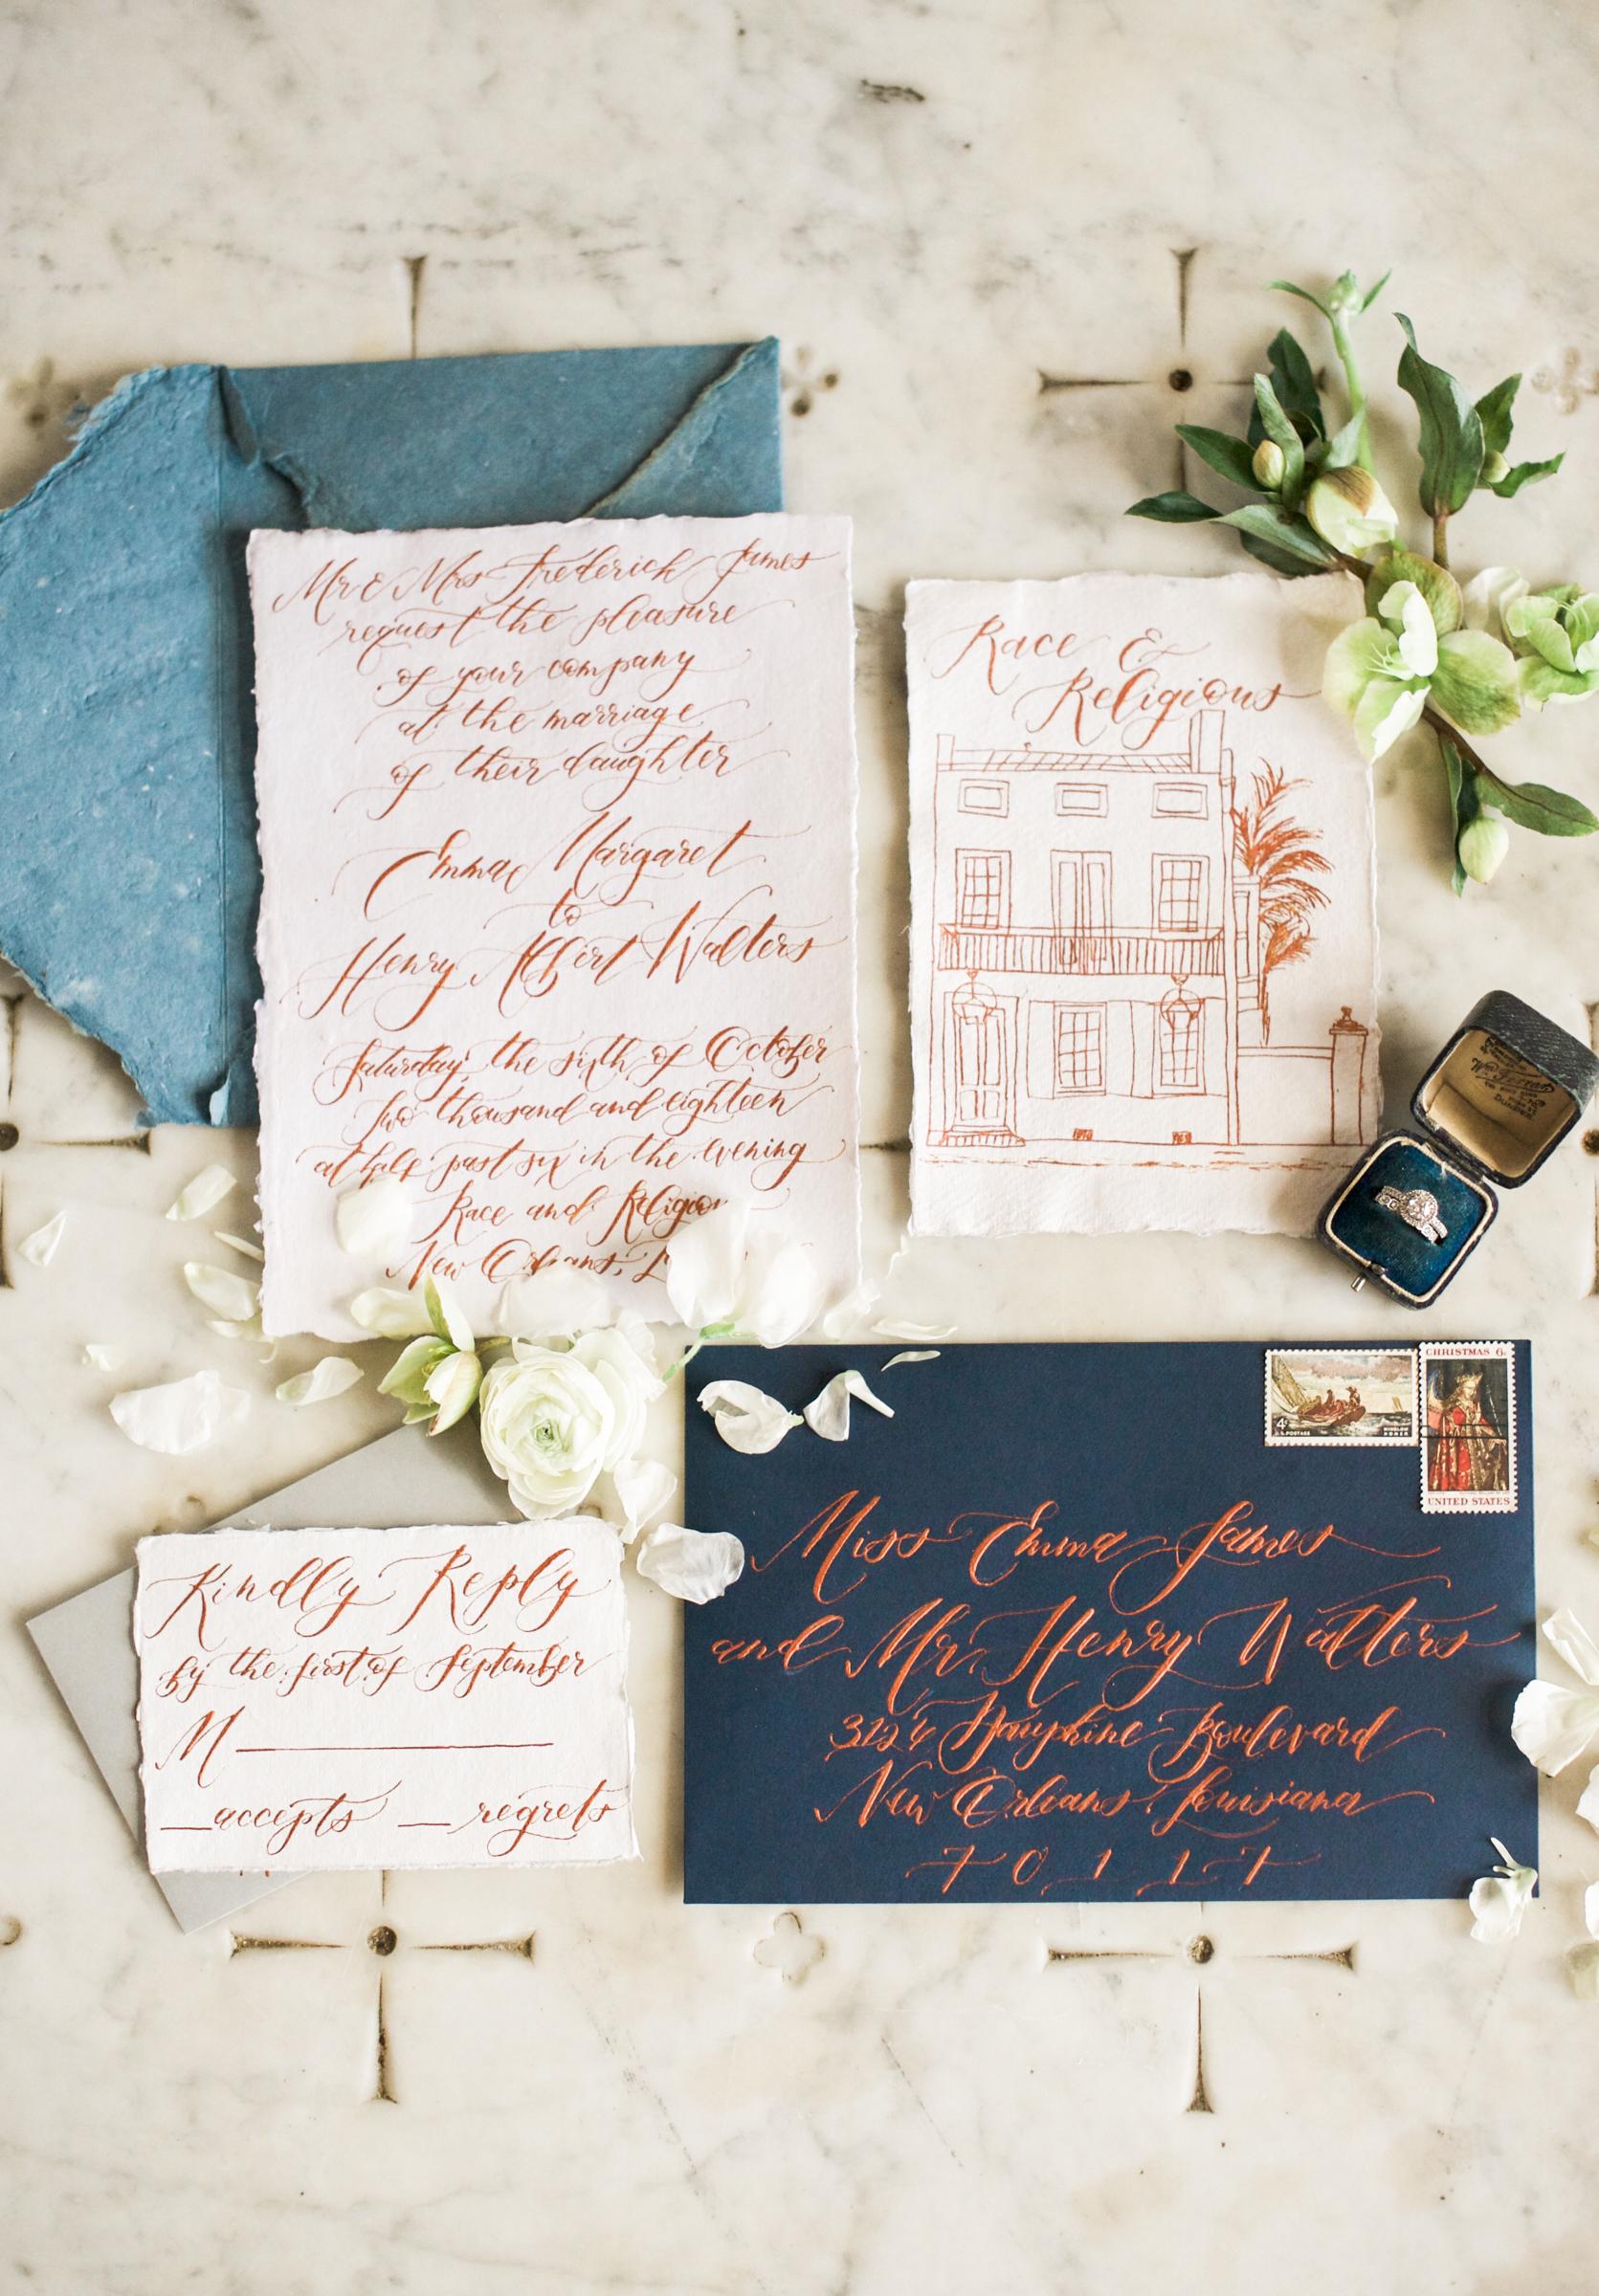 Race-and-religious-wedding-inspiration-shannon-skloss-256.jpg